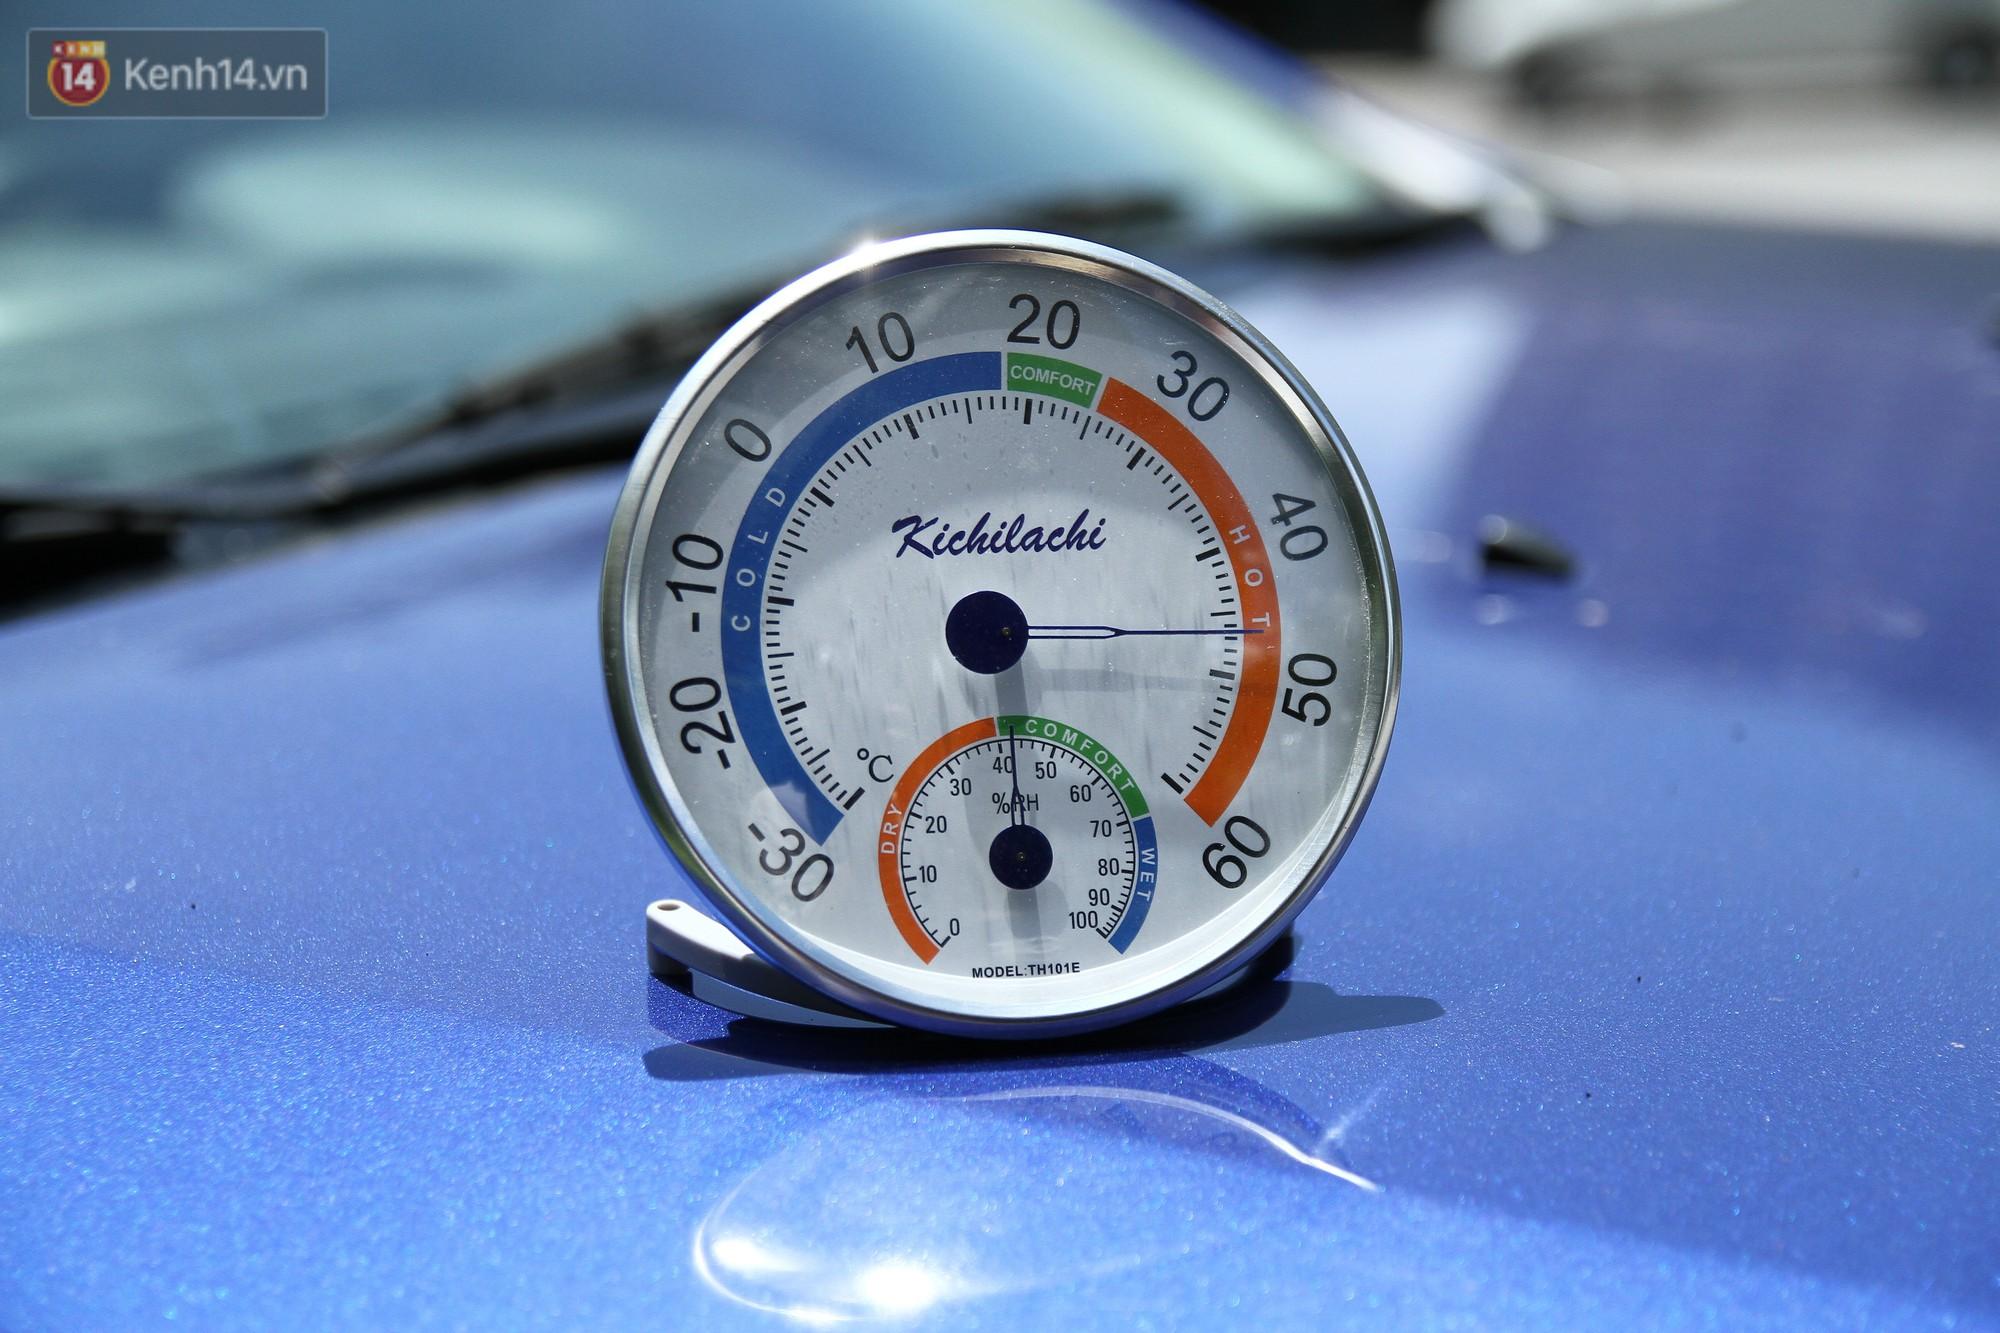 Nhiệt độ đo được ngoài trời thời điểm 12h30 đã lên mức 45 độ C. Nhiệt kế được đặt trên nắp ô tô.